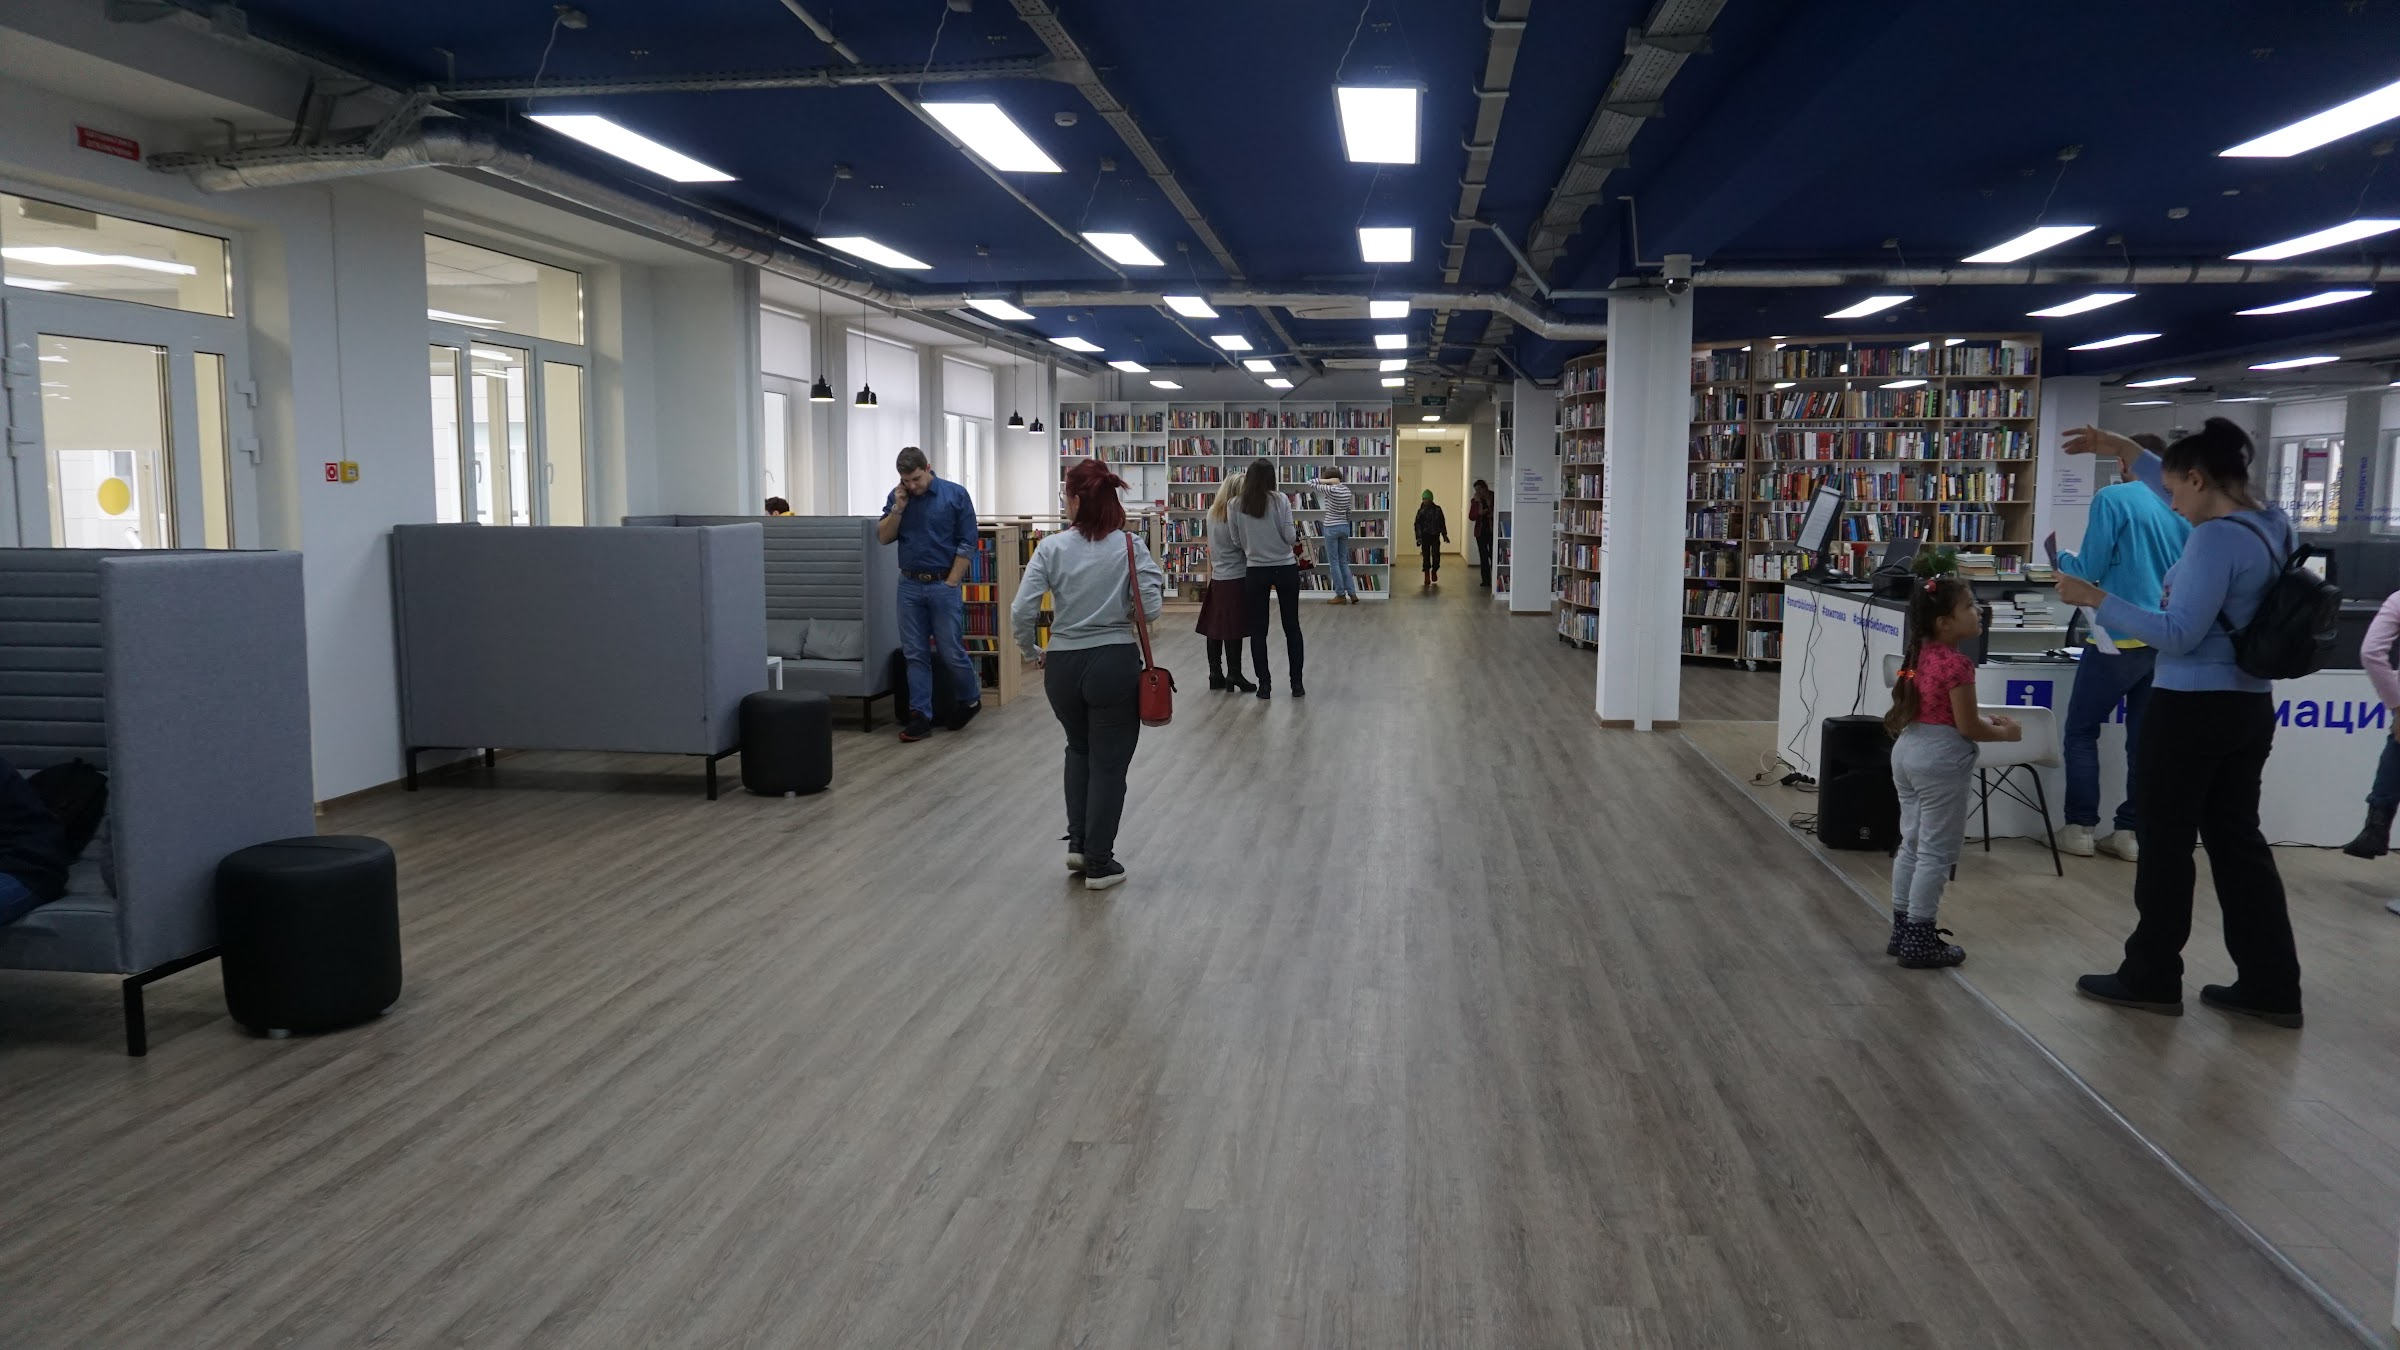 Фестиваль Нейропластичности в библиотеке Анны Ахматовой